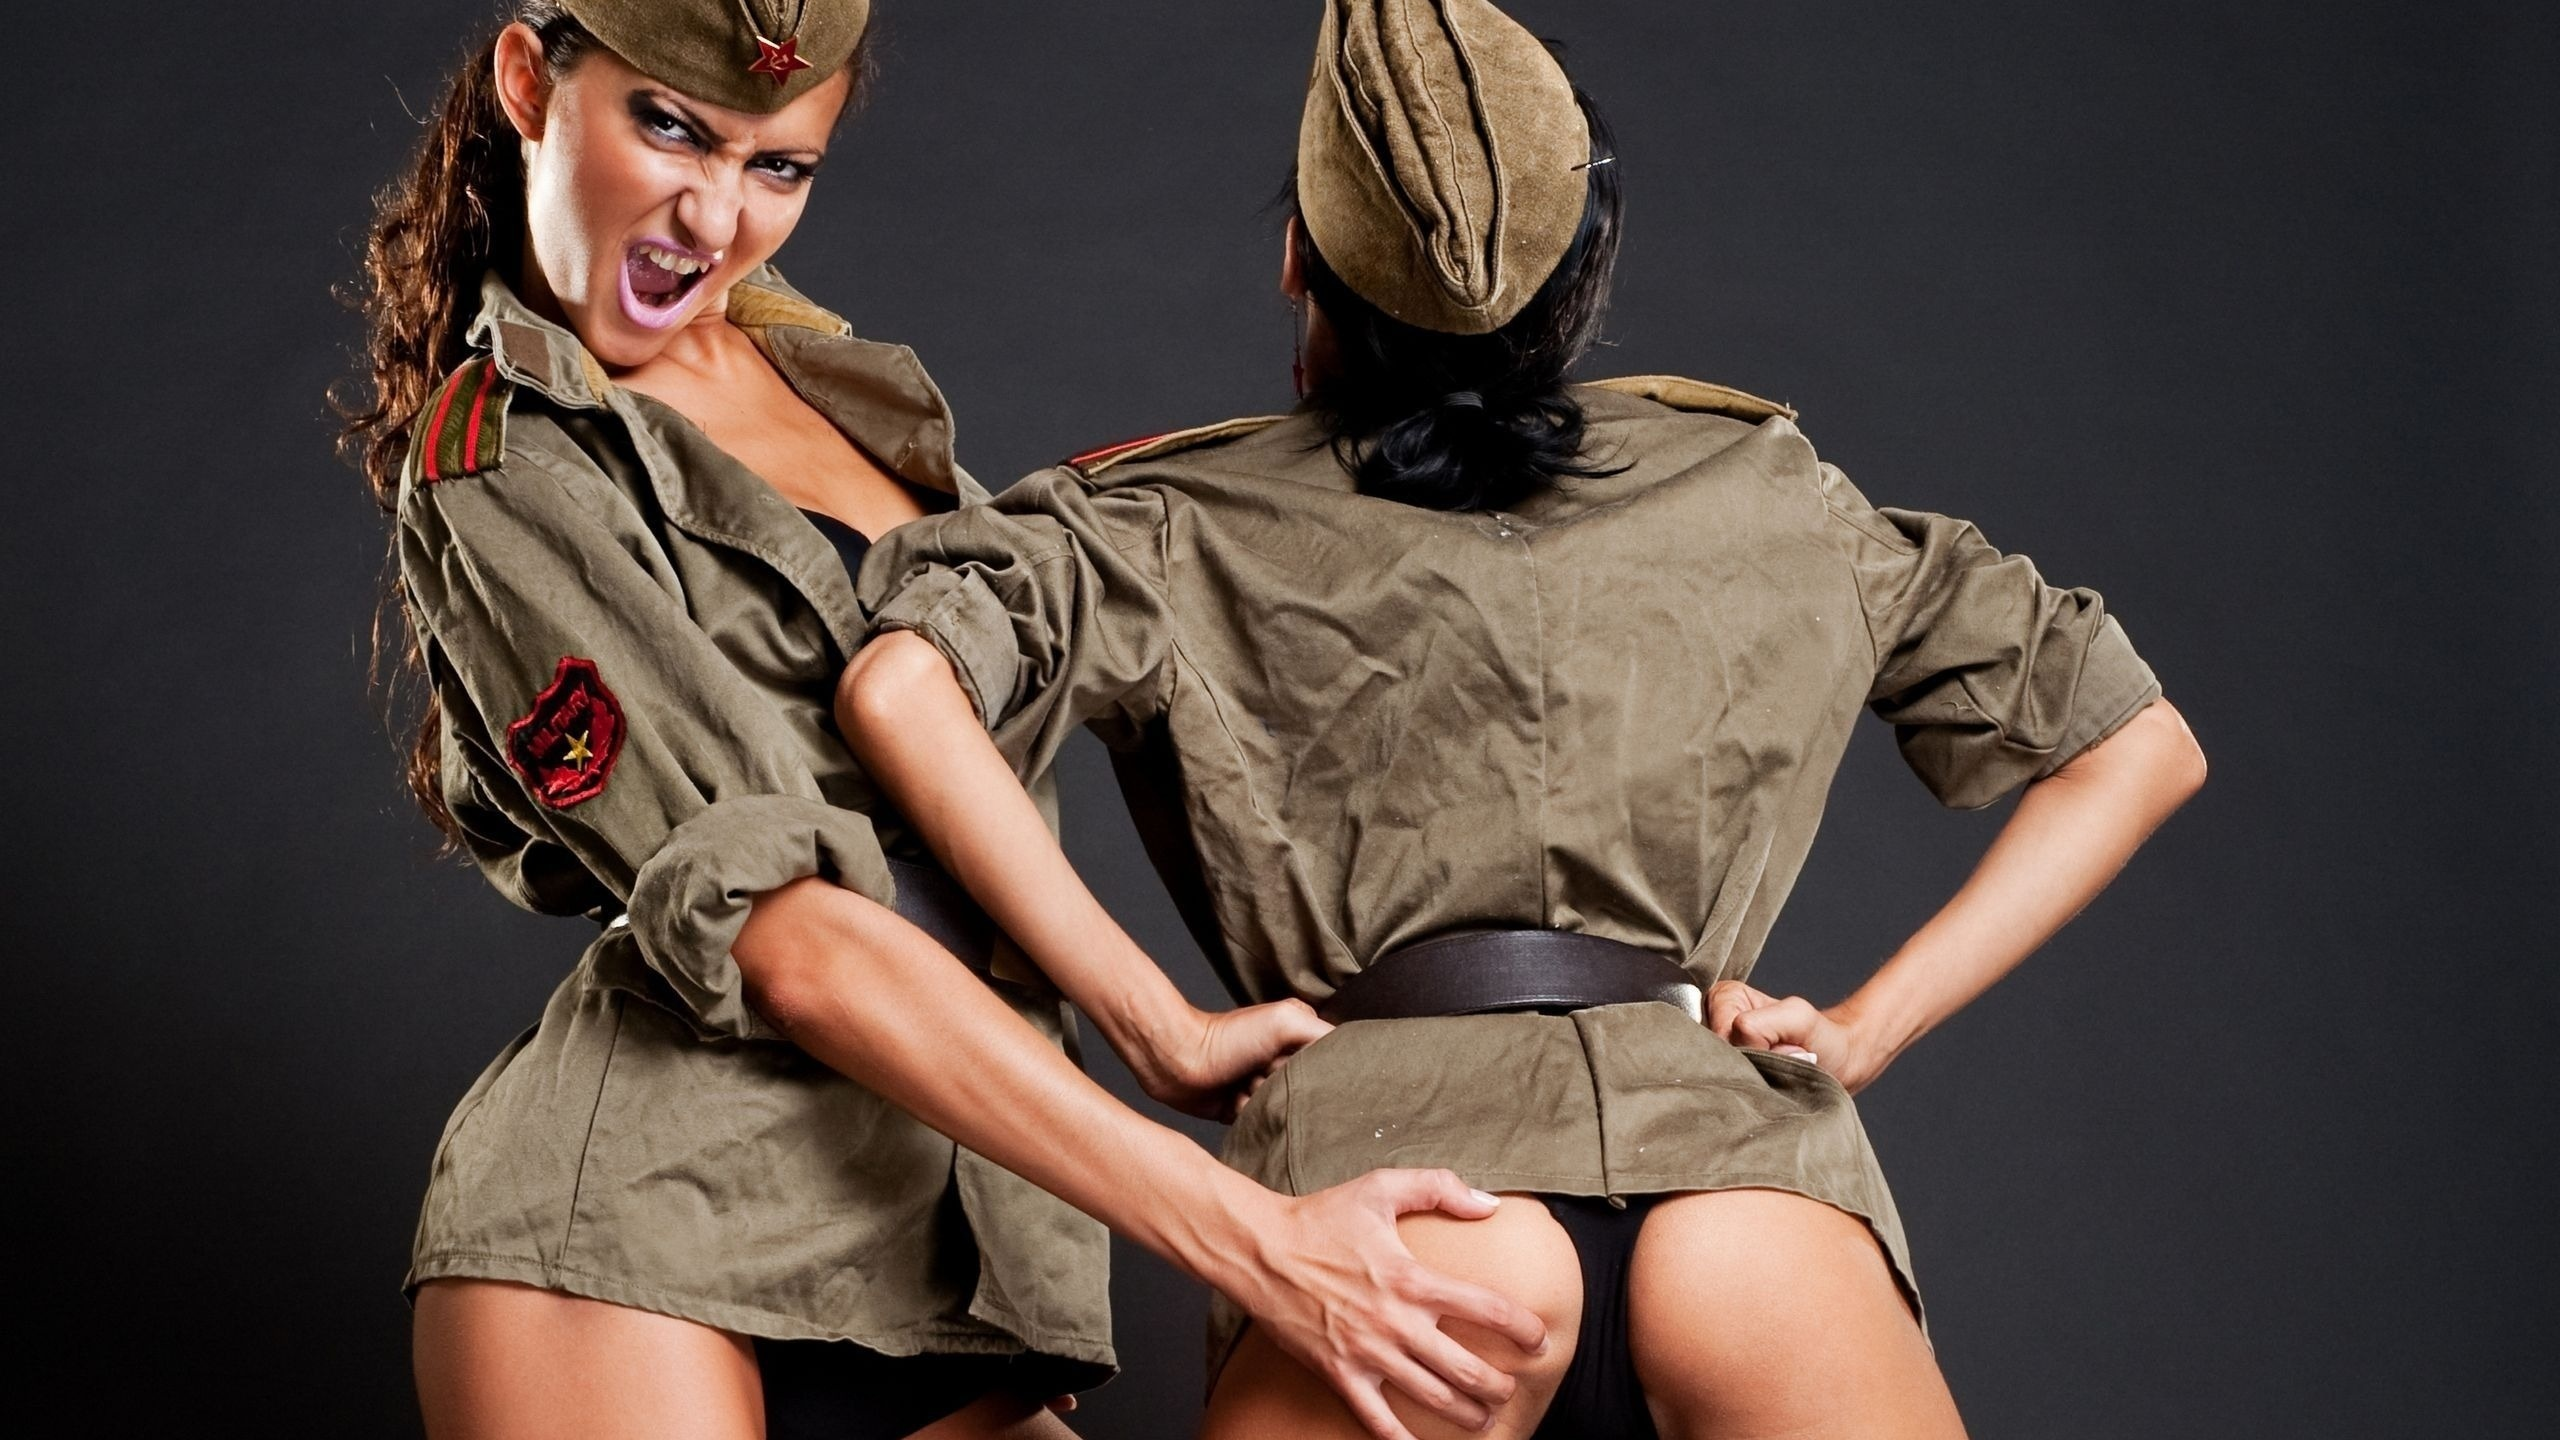 Фото девушек с оружием без одежды 23 фотография